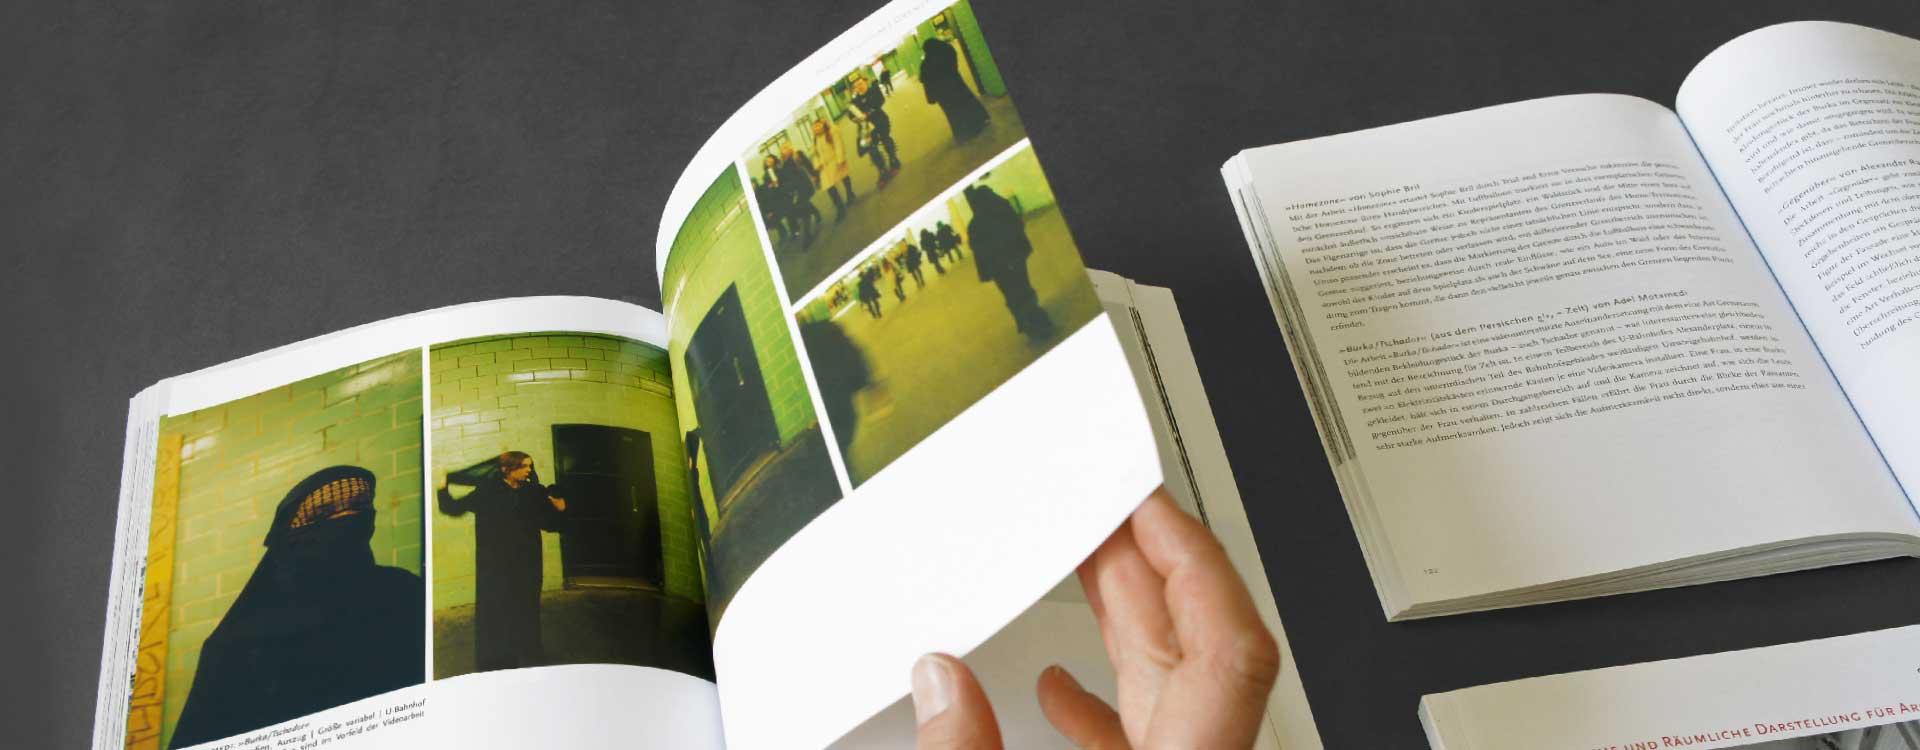 Book Plastische und Räumliche Darstellung für Architekten, publisher UdK, Berlin; Design: Kattrin Richter | Graphic Design Studio